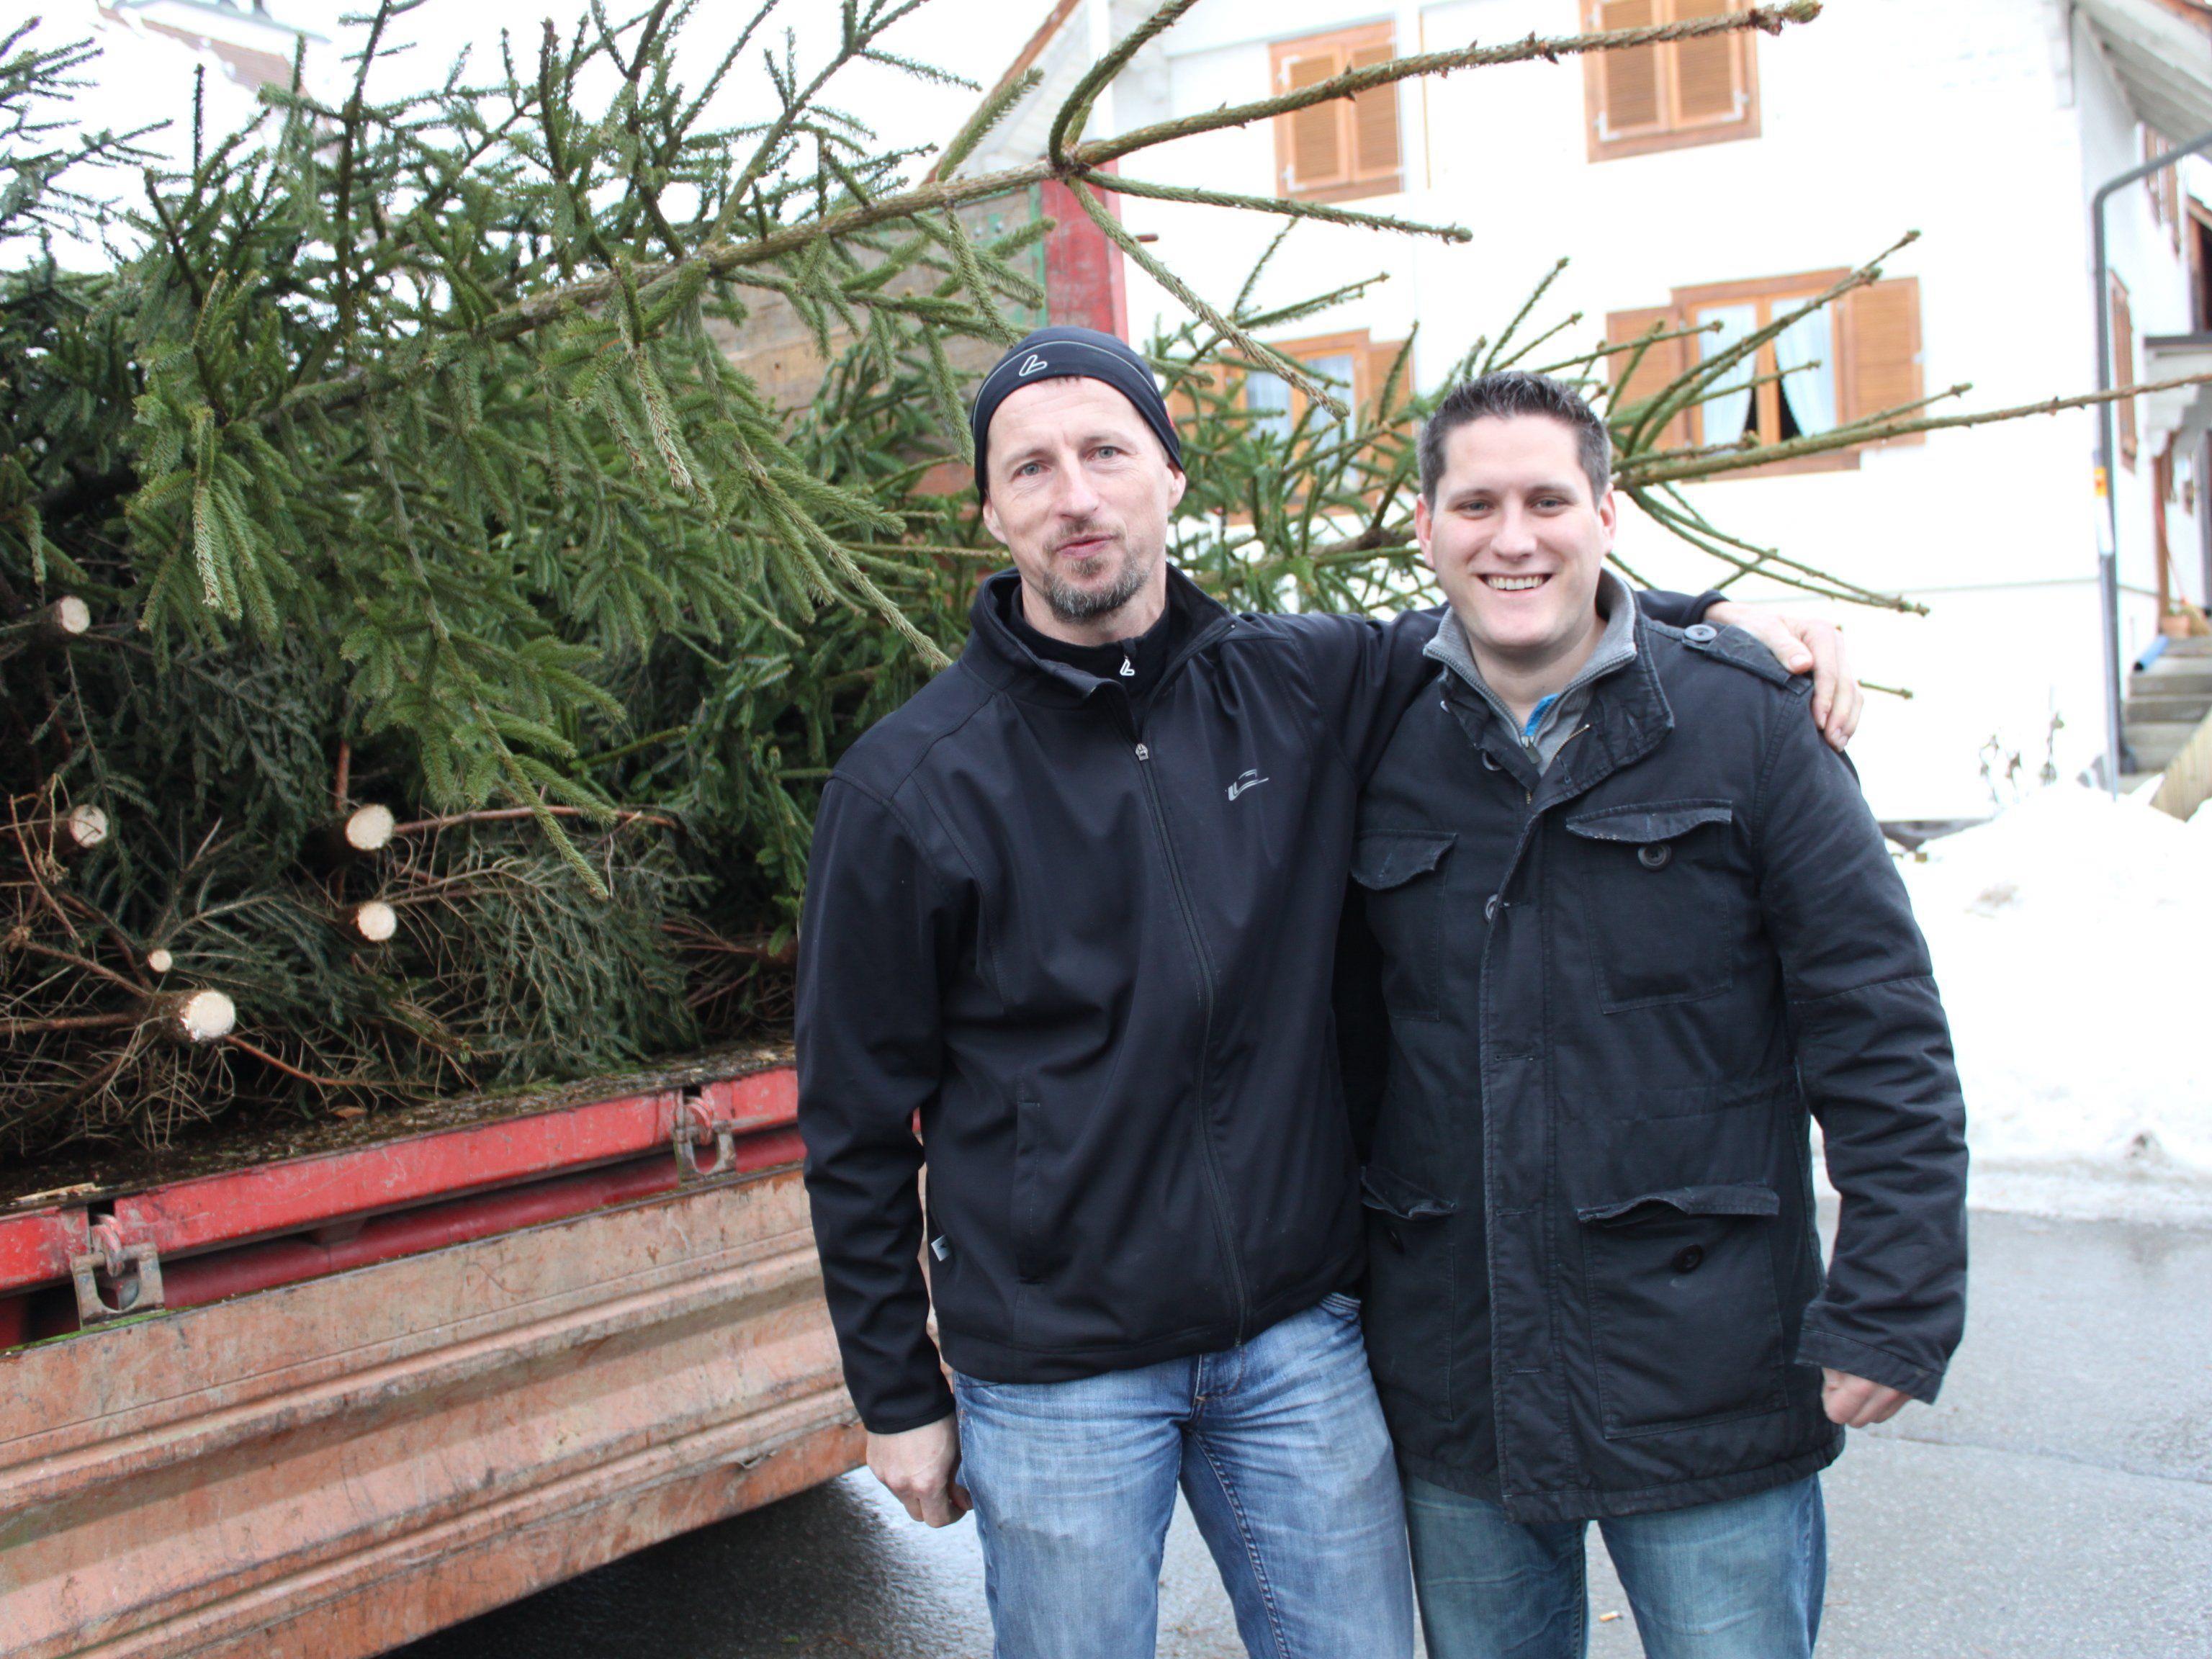 Bgm. Steve Mayr (re.) lädt zum Christbaummarkt am 19.12. ein. Gemeinderat Hugo Kathan (li.) sorgt für Kulinarisches.